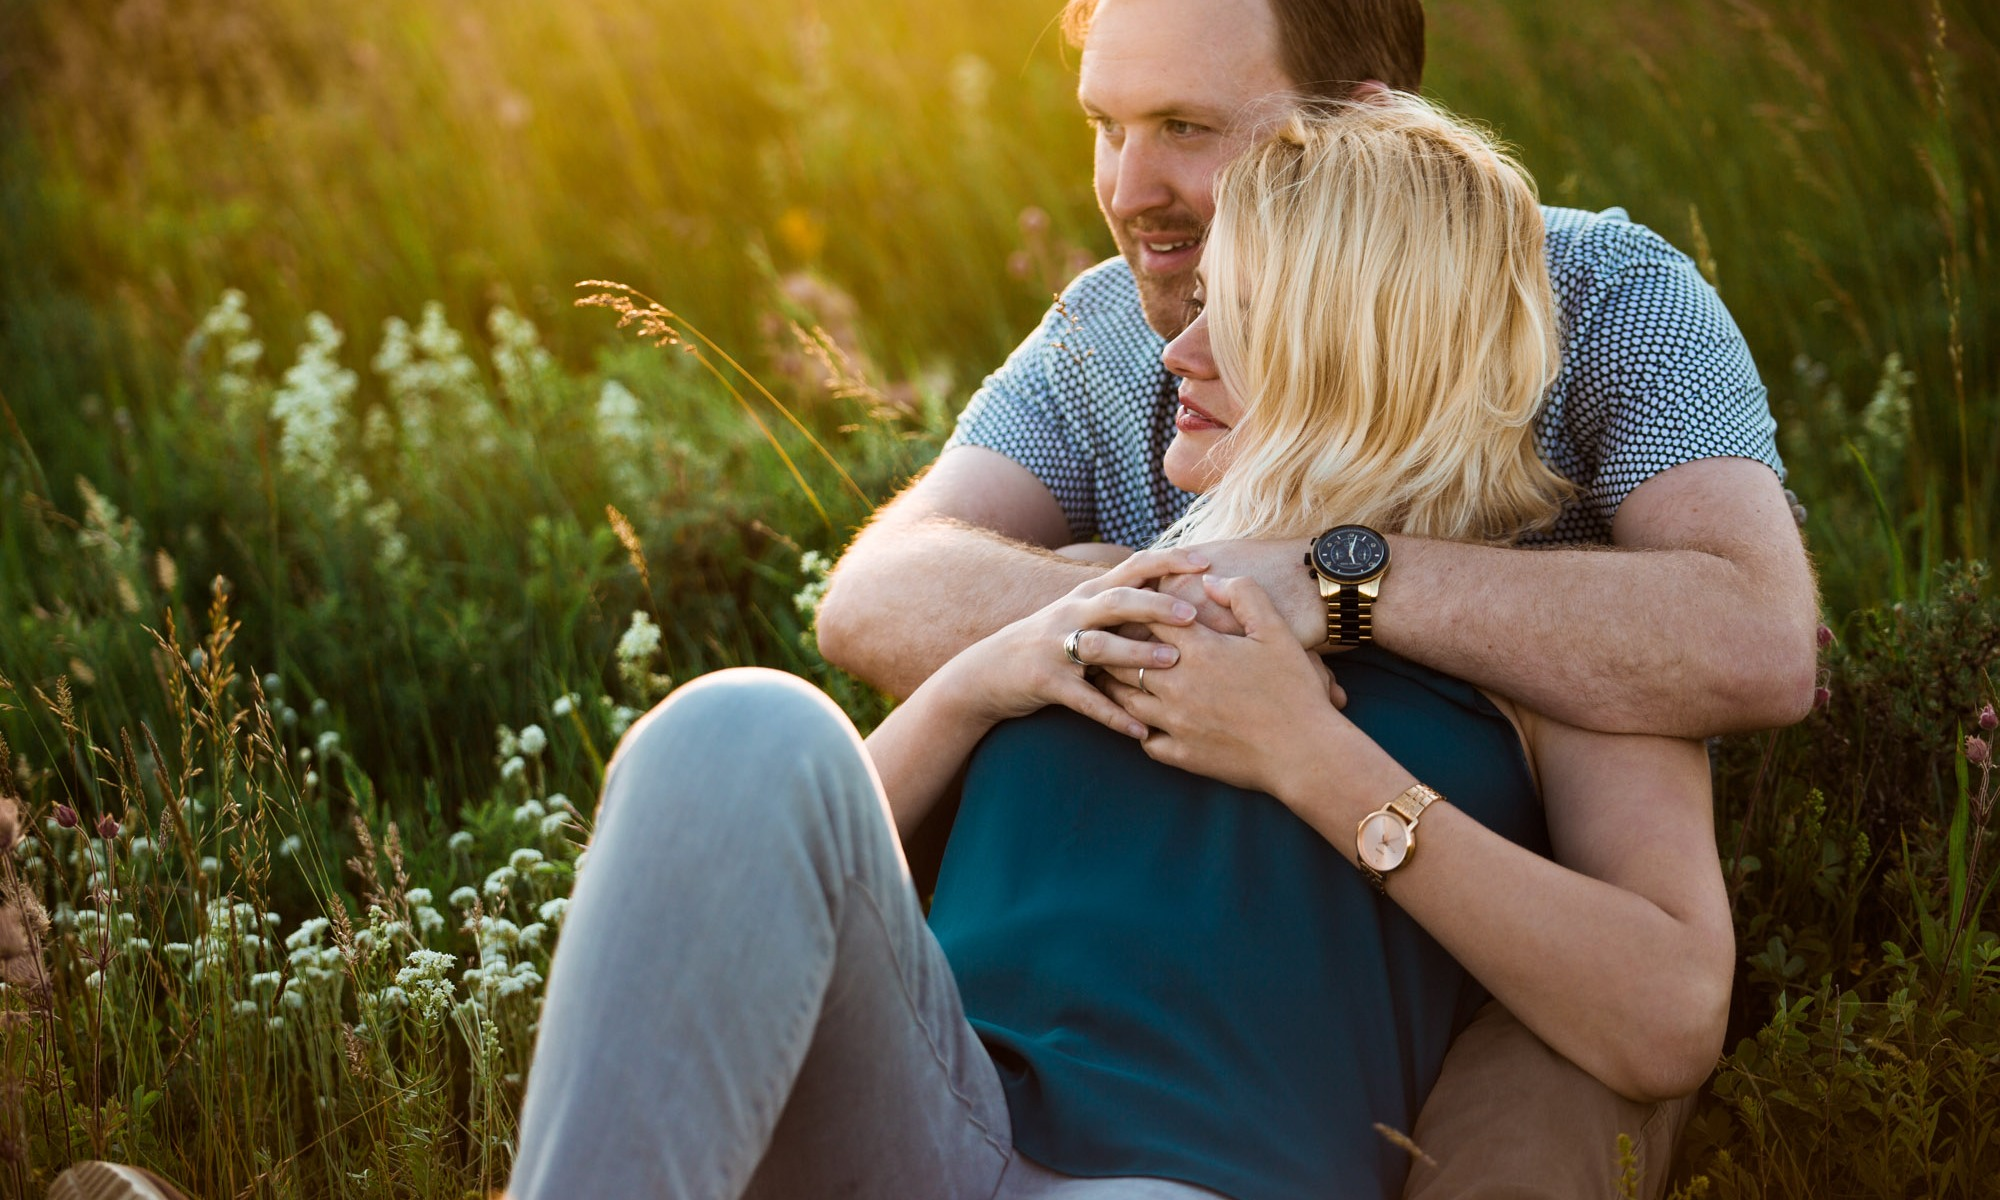 Calgary wedding and family photographer, engagement photo at sunset